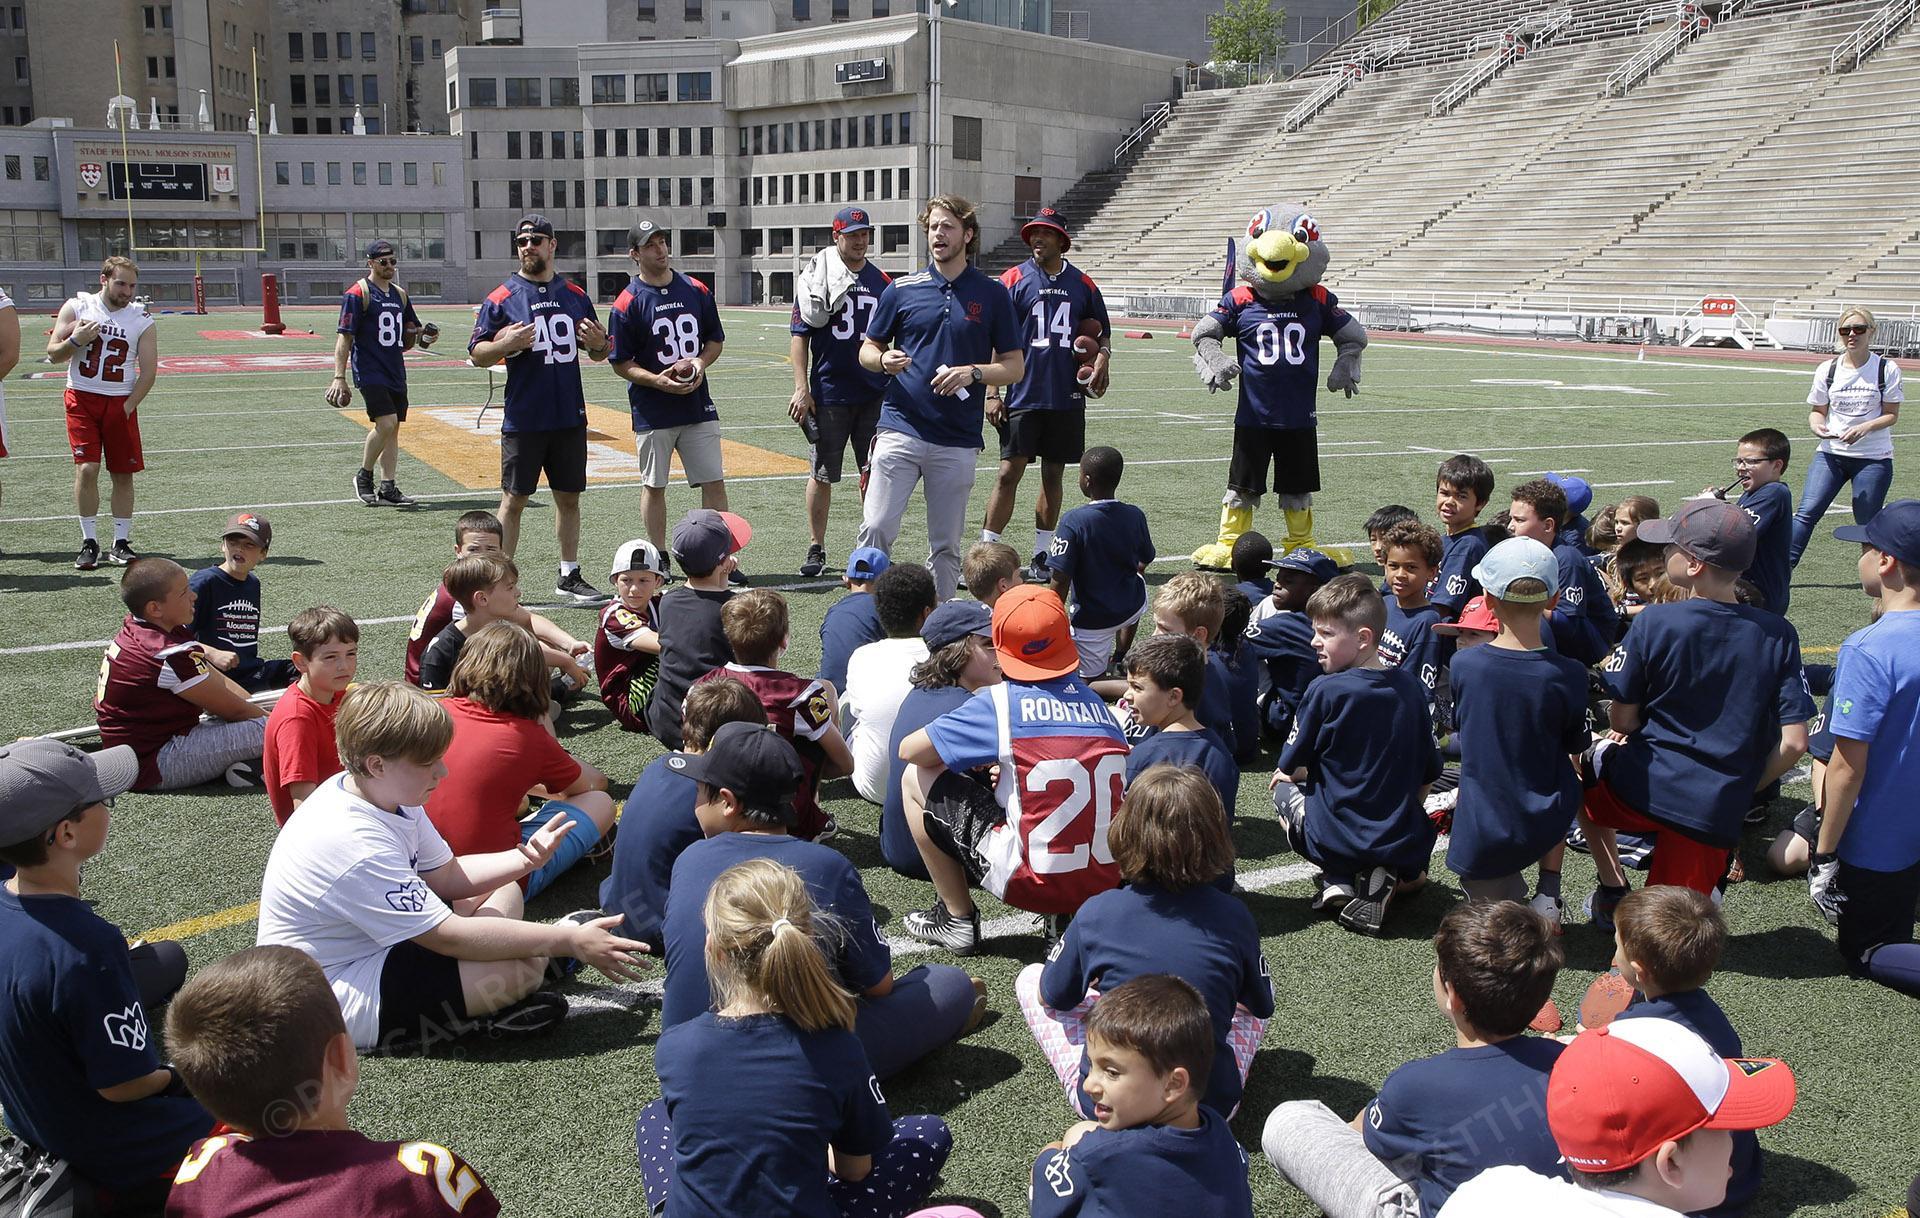 Cliniques Football des Alouettes de Montréal plusieurs joueurs de football expliquent aux enfants le déroulement de la journée